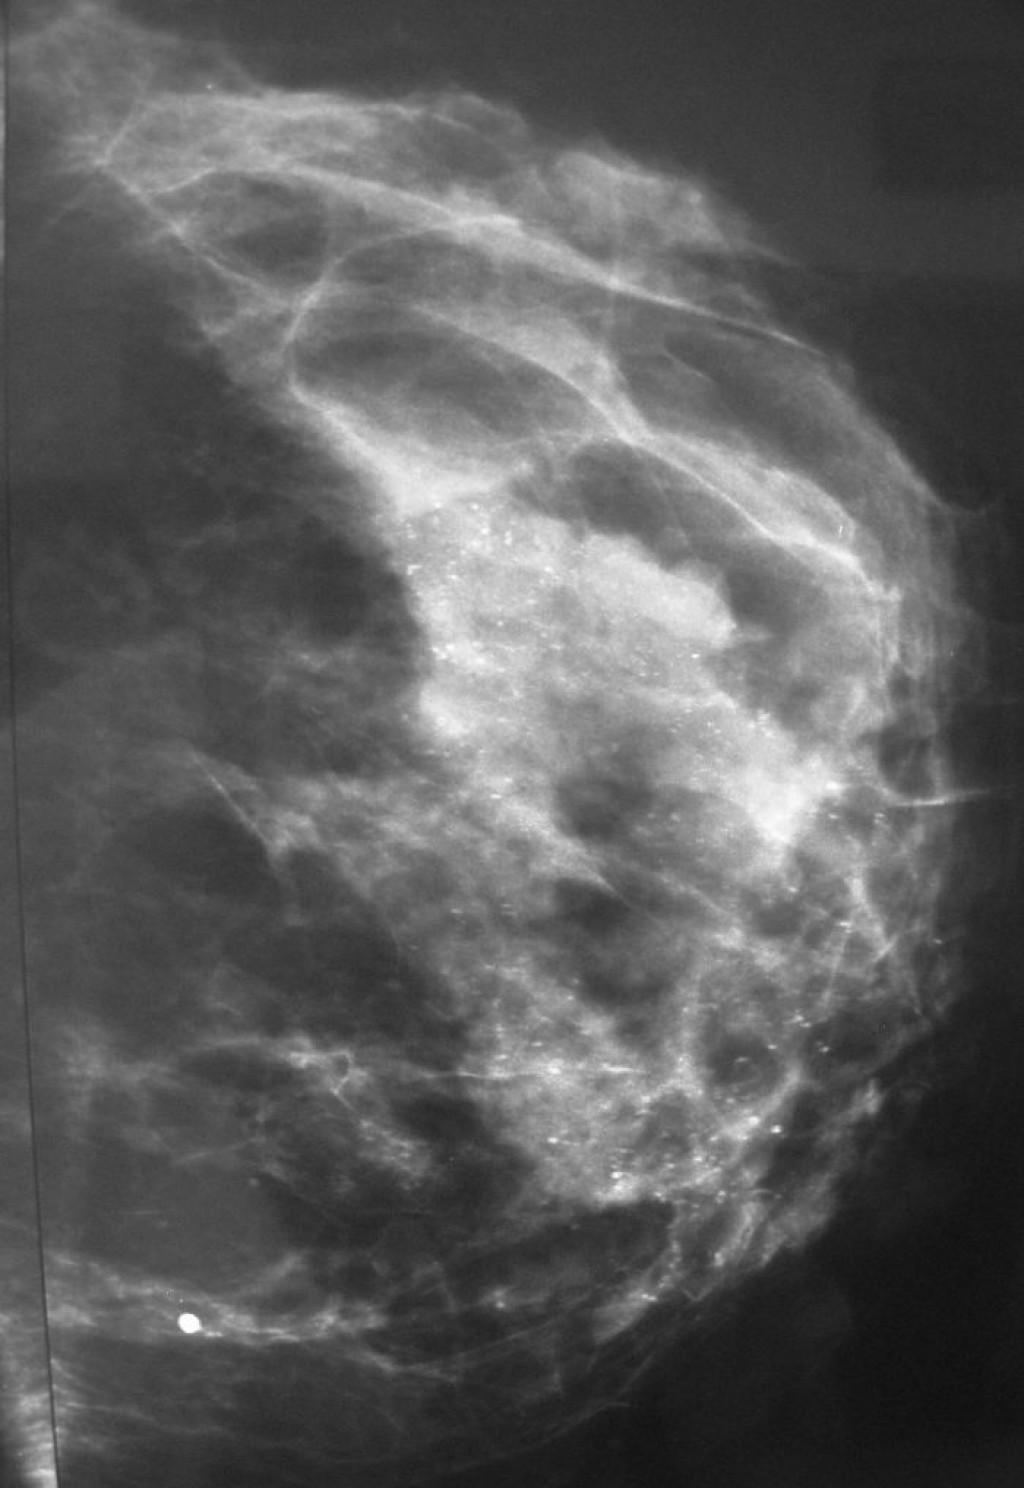 Протоковая аденокарцинома in situ